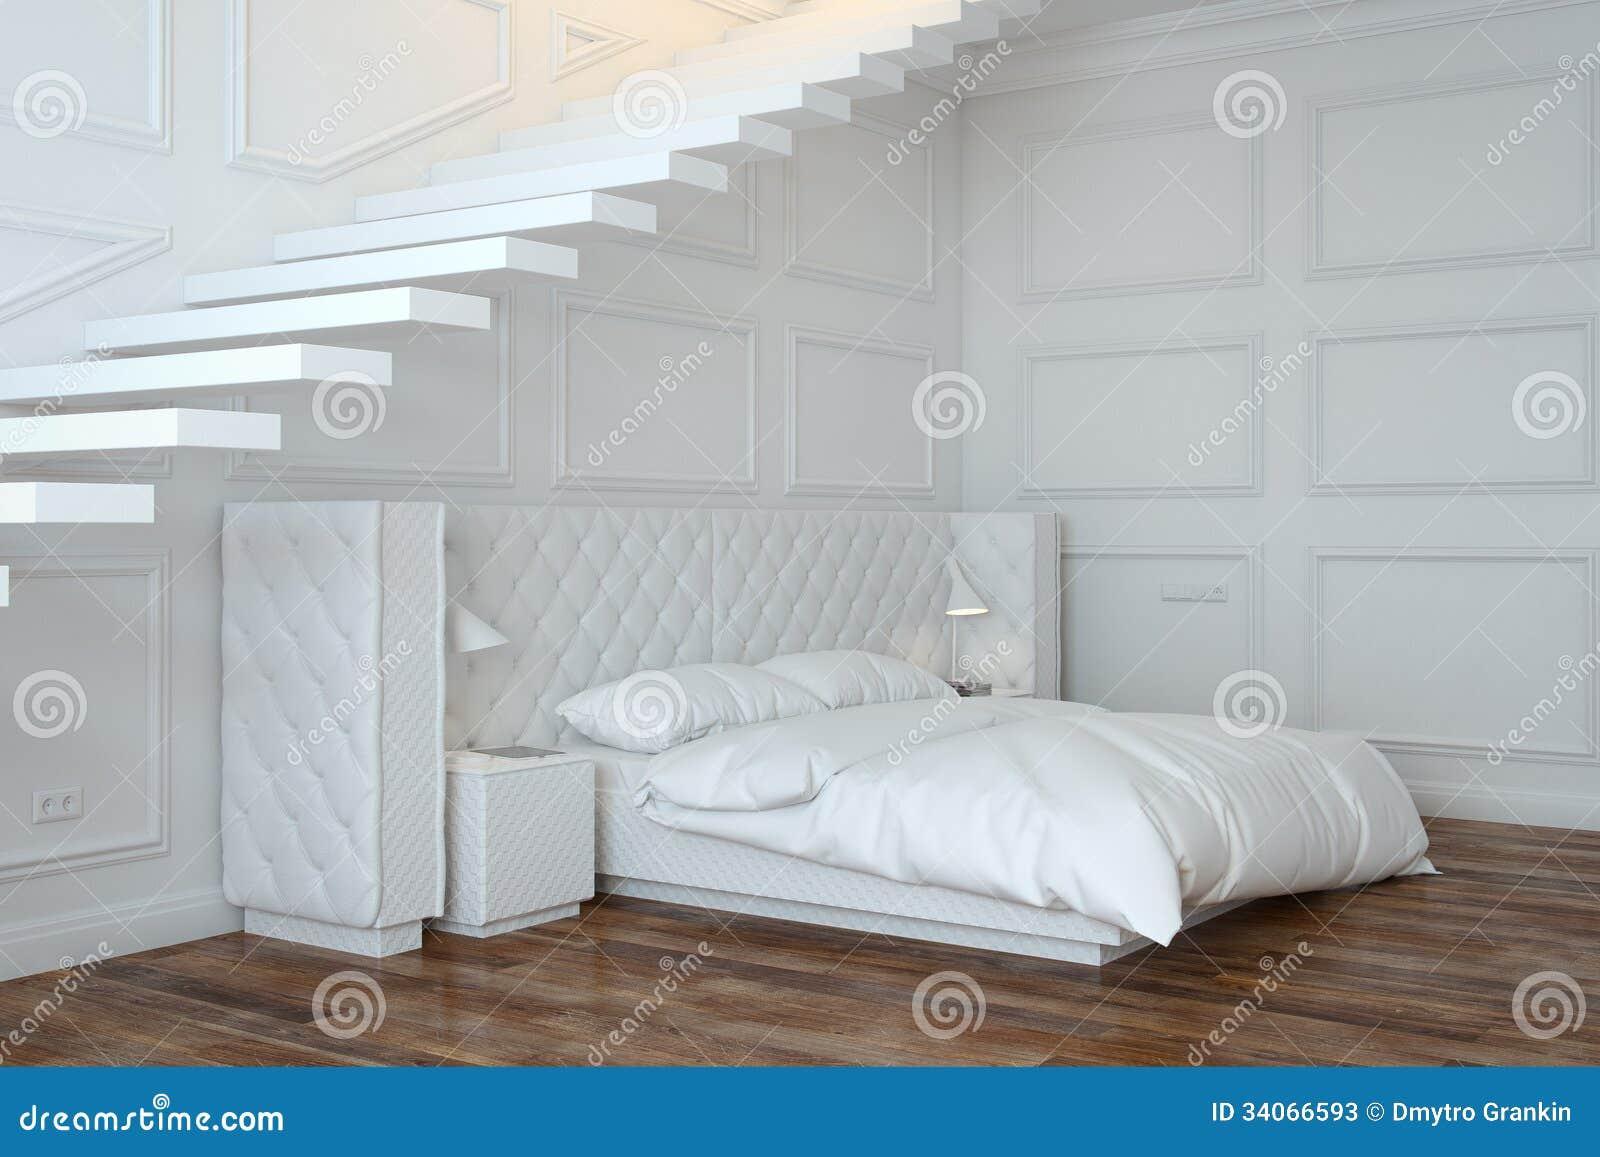 Fußboden Schlafzimmer Xl ~ Weißer schlafzimmer innenraum mit treppe perspektiven ansicht